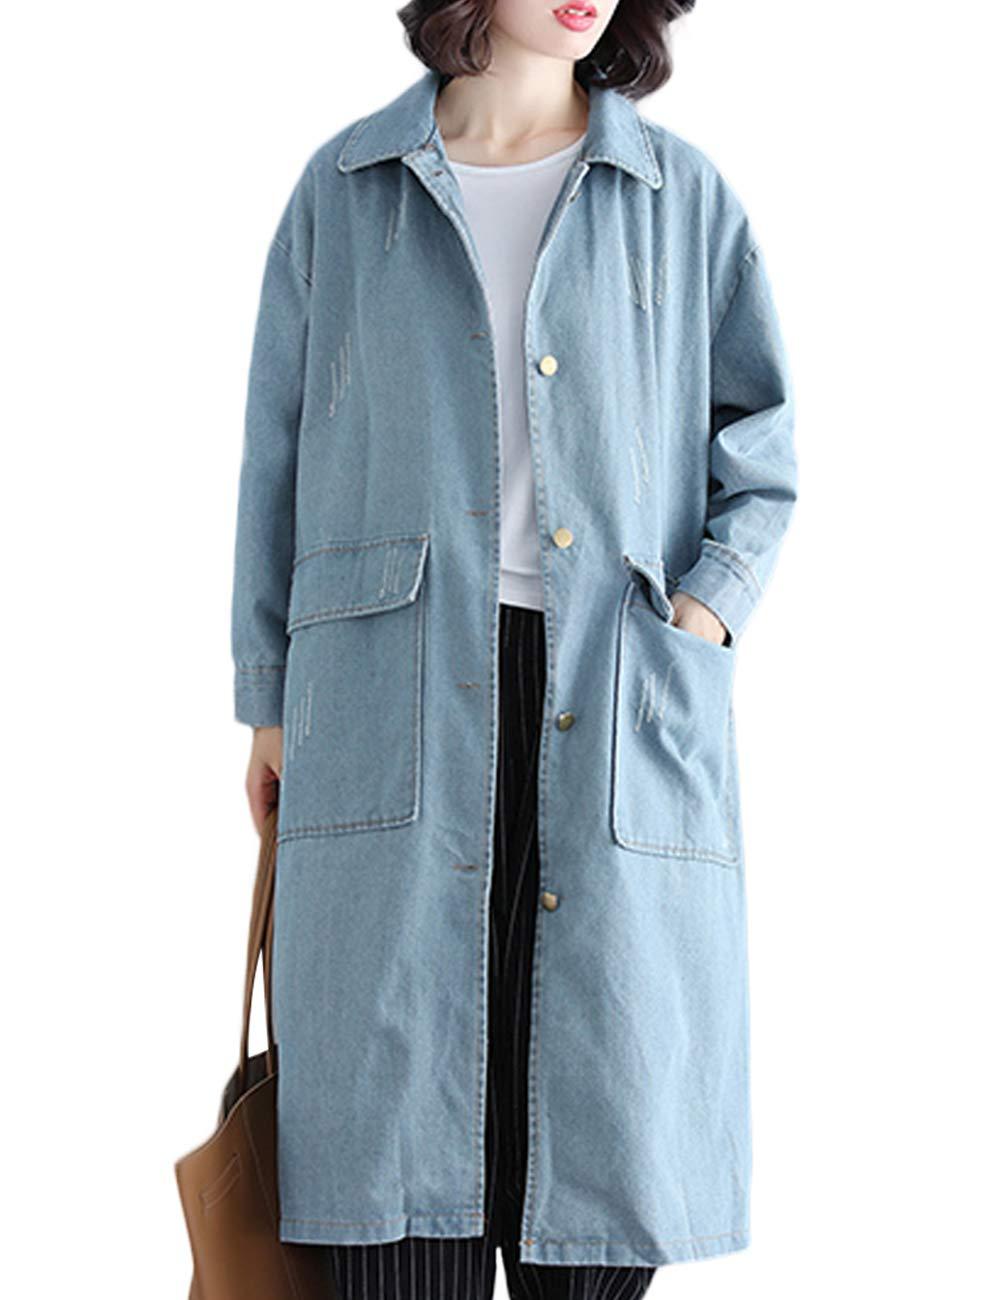 Innifer Women's Casual Loose Long Windbreaker Jean Denim Jacket Cardigan Coat with Pocket